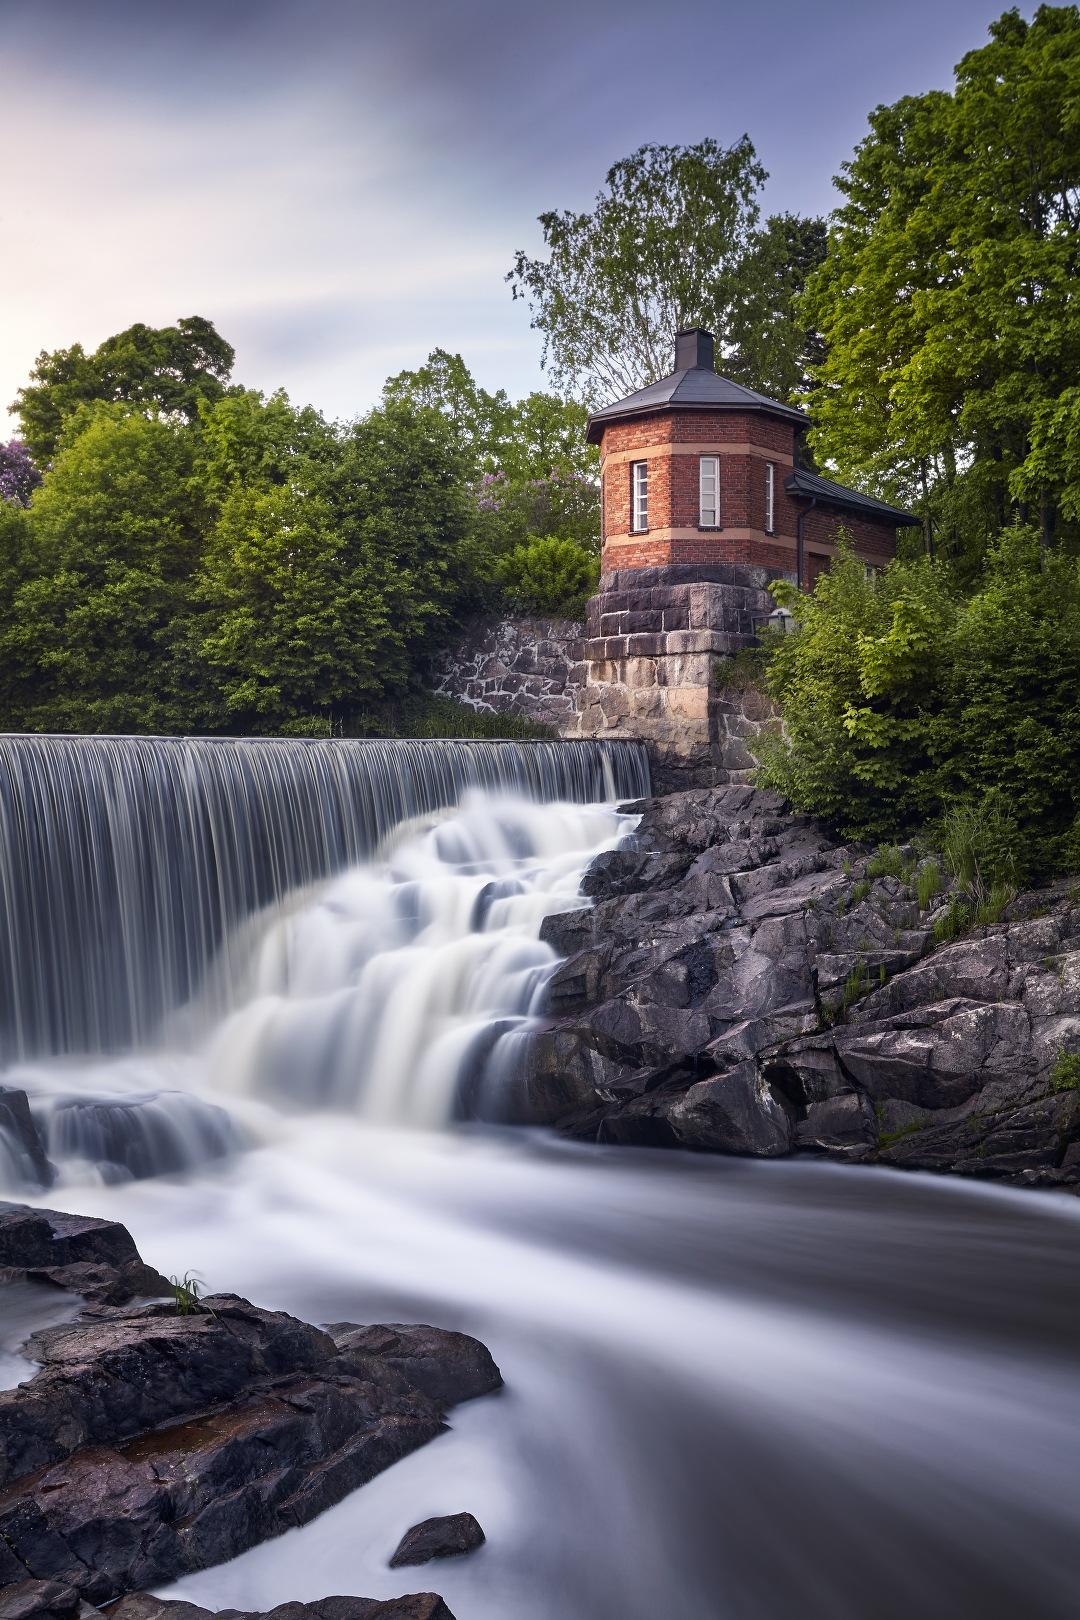 Red Tower Waterfall by KrubeK